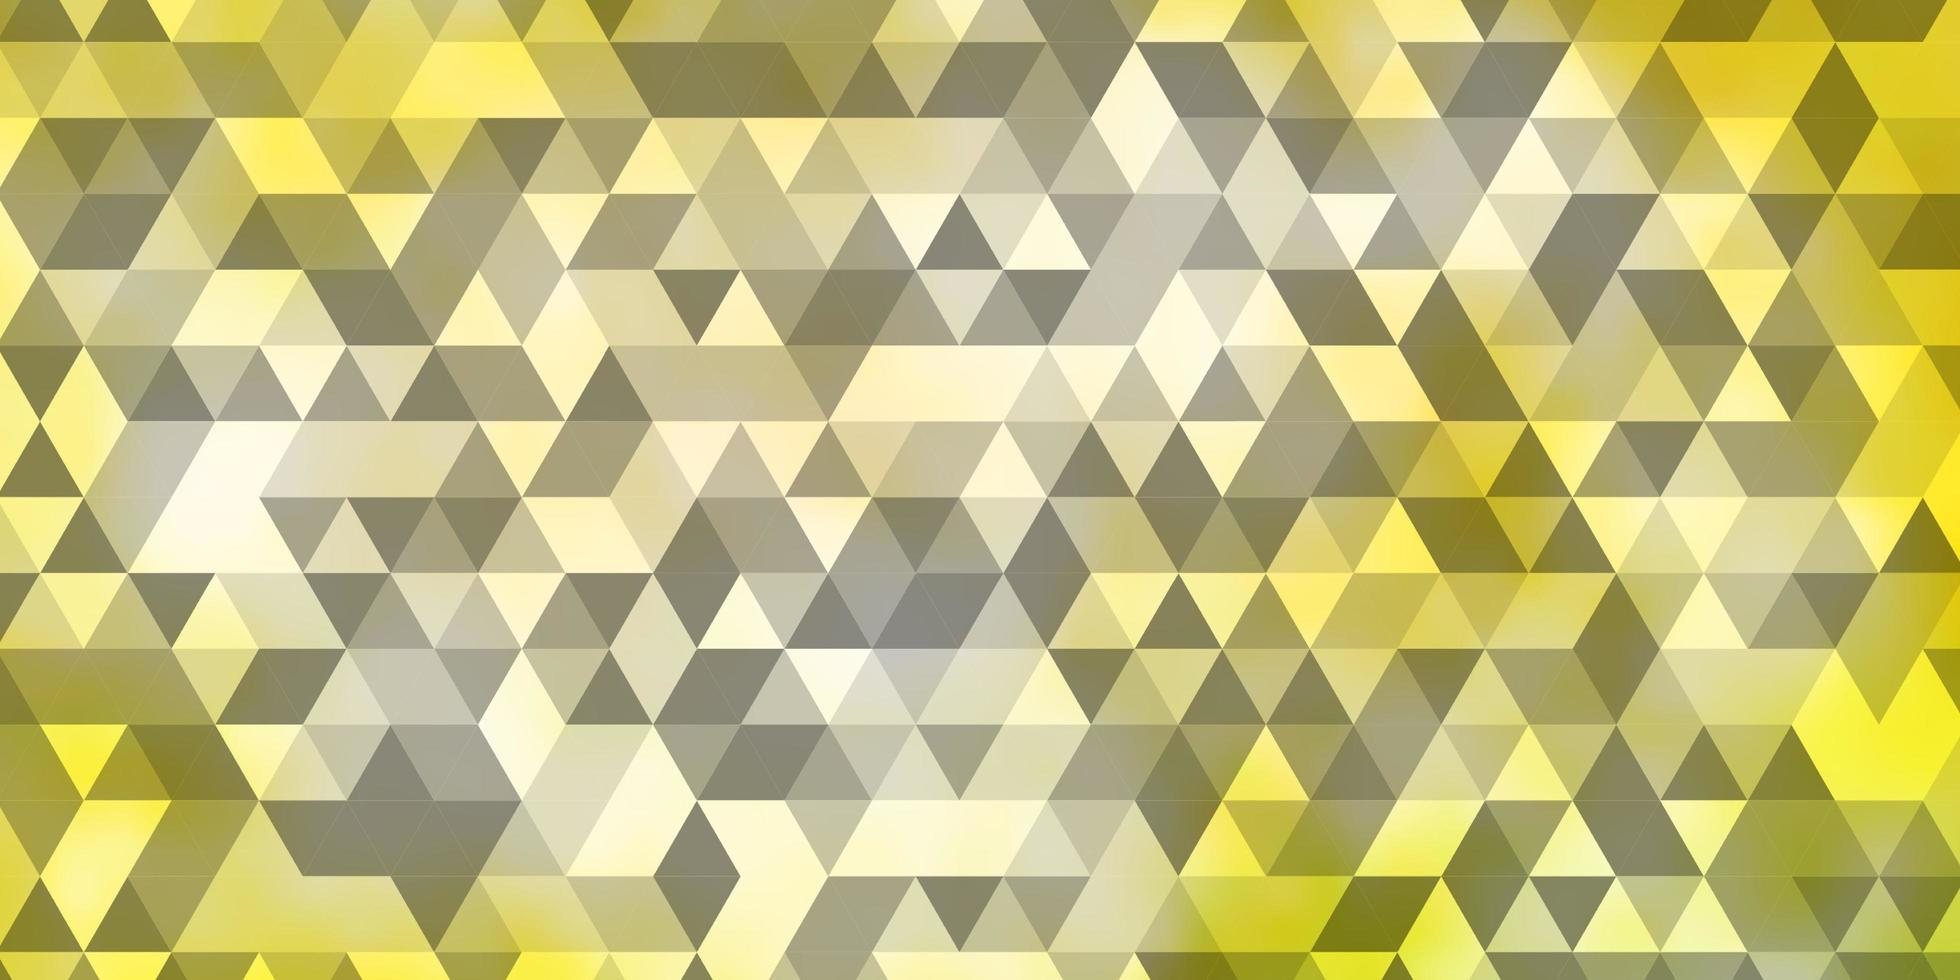 lichtgroene, gele vectorachtergrond met driehoeken. vector